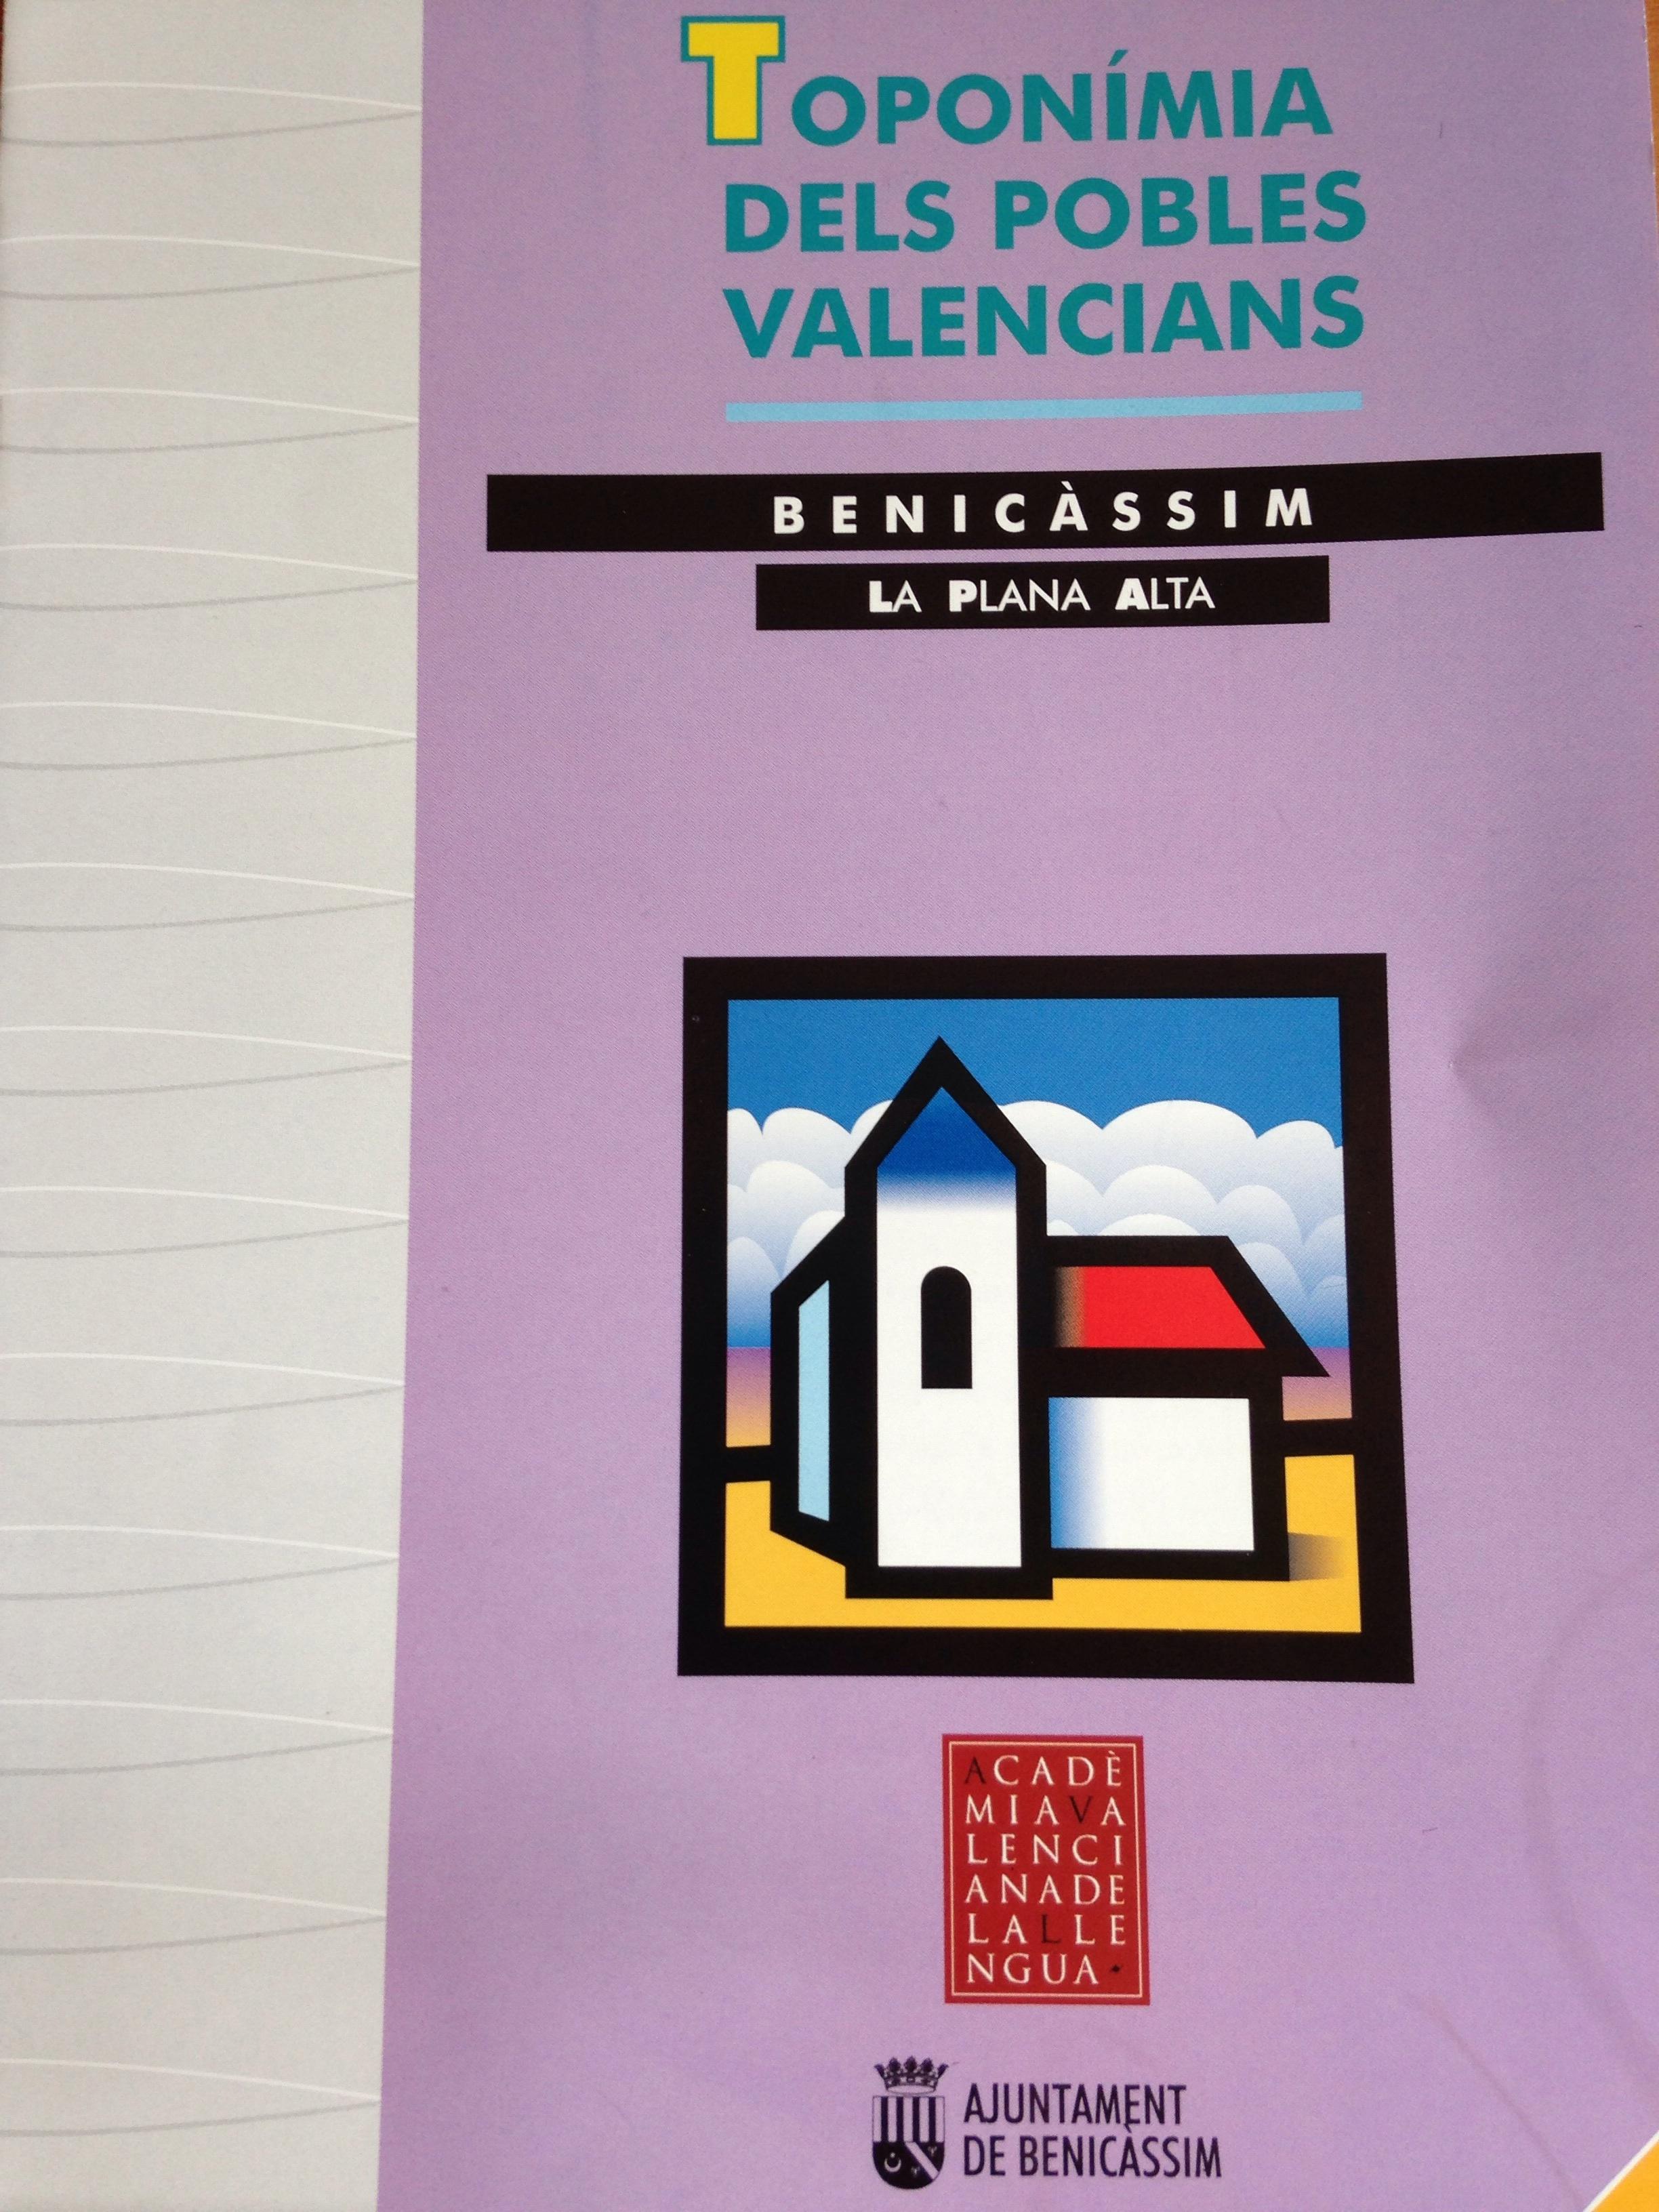 La AVL edita una publicación sobre la toponímia del municipio